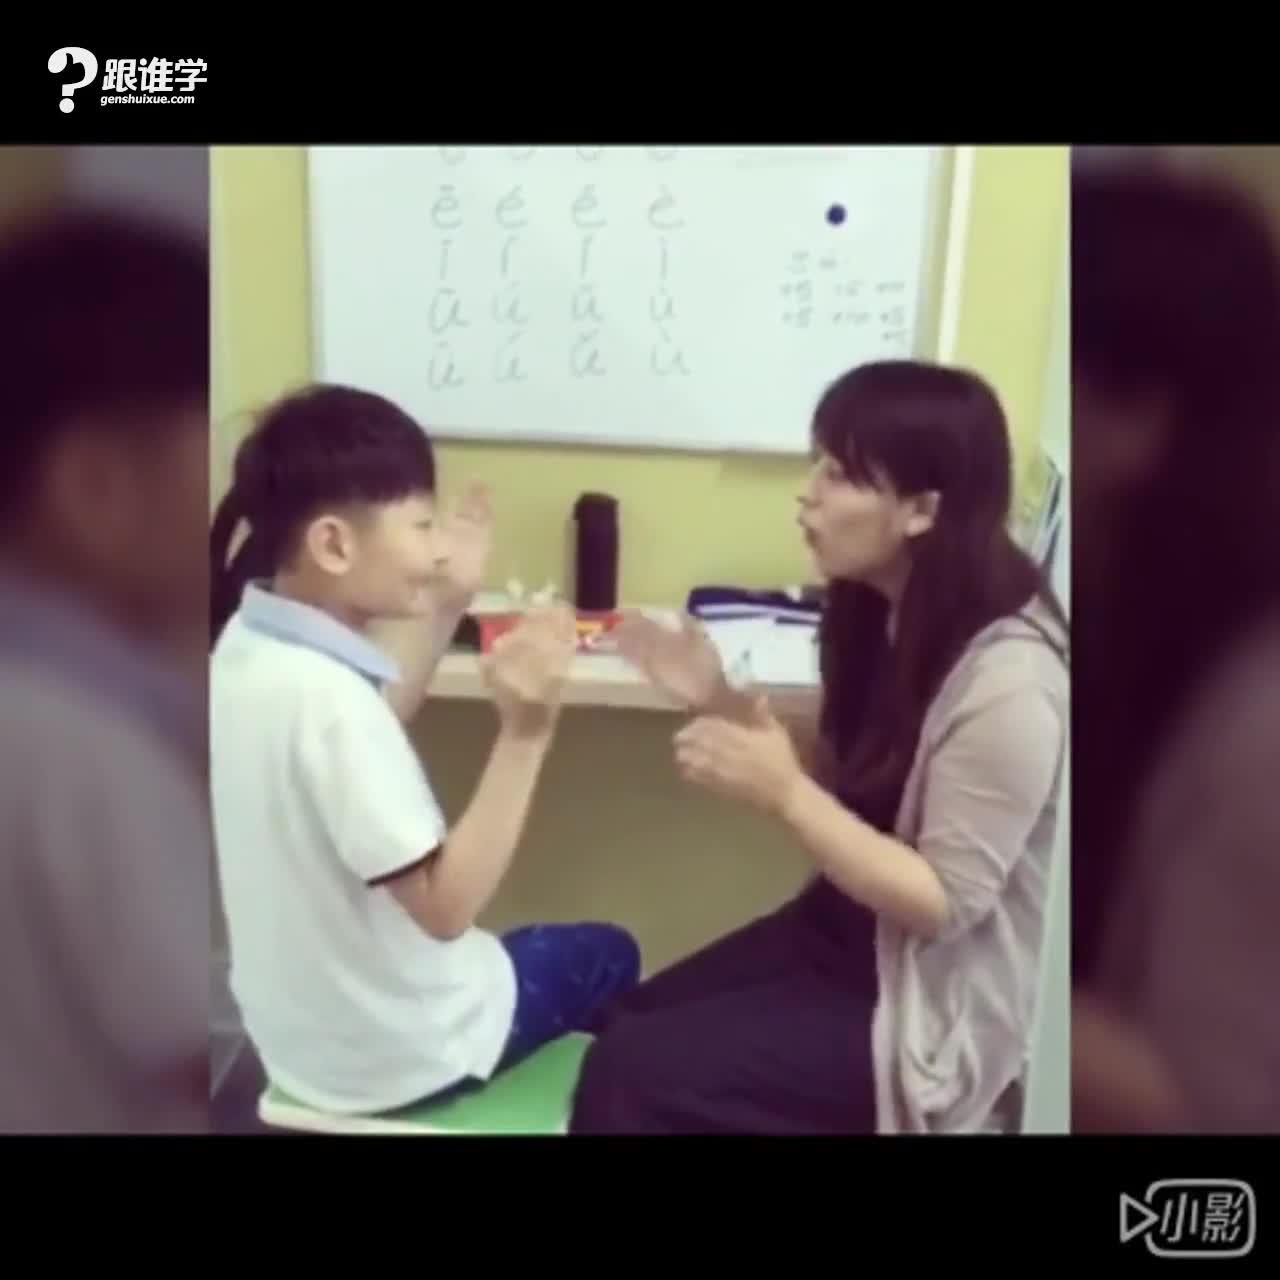 K12教育工作室 范菊红 视频